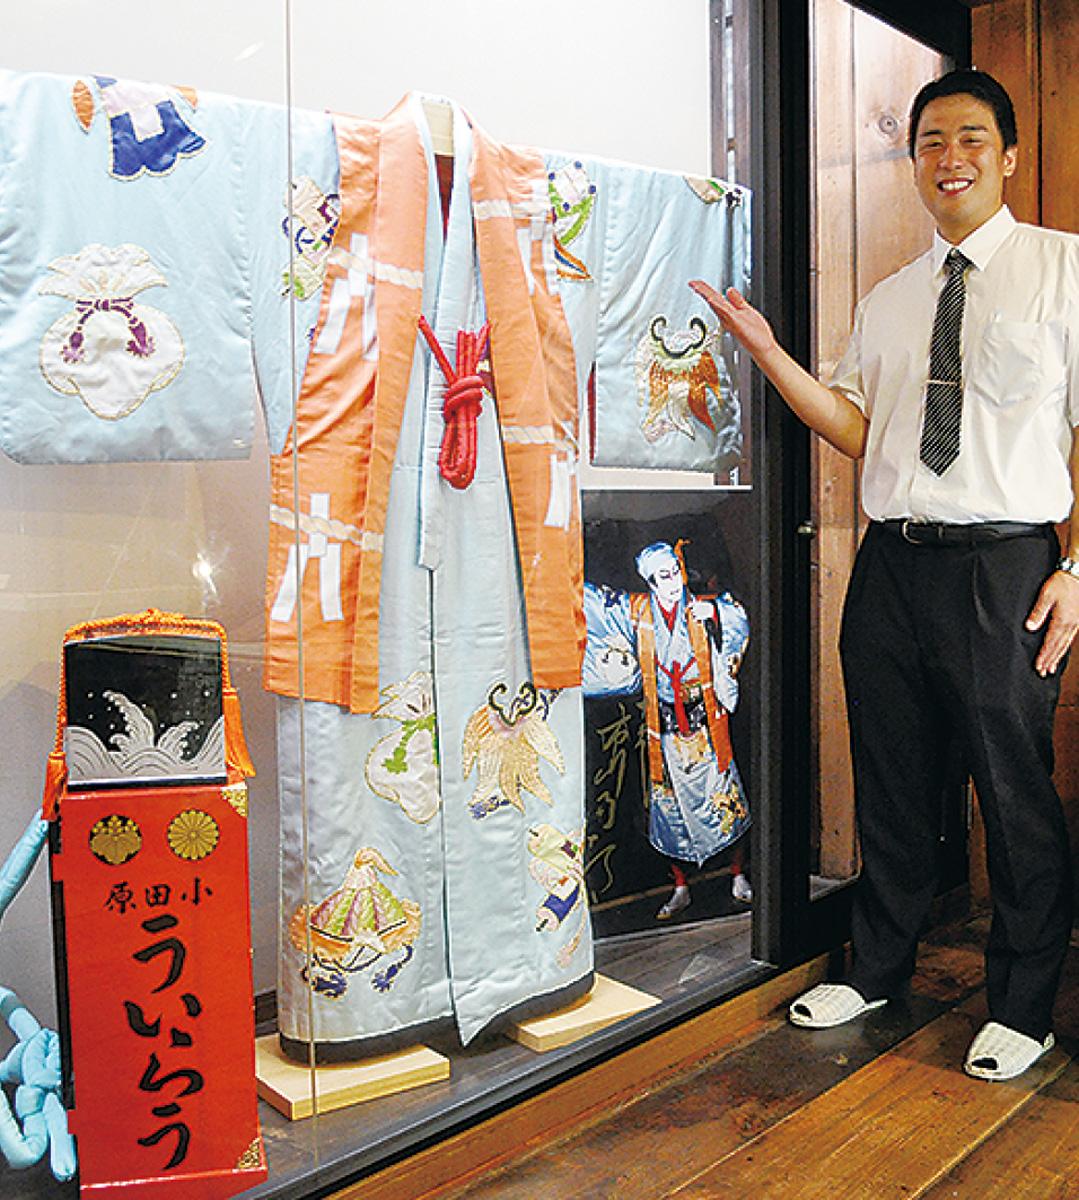 團十郎さんの衣装展示